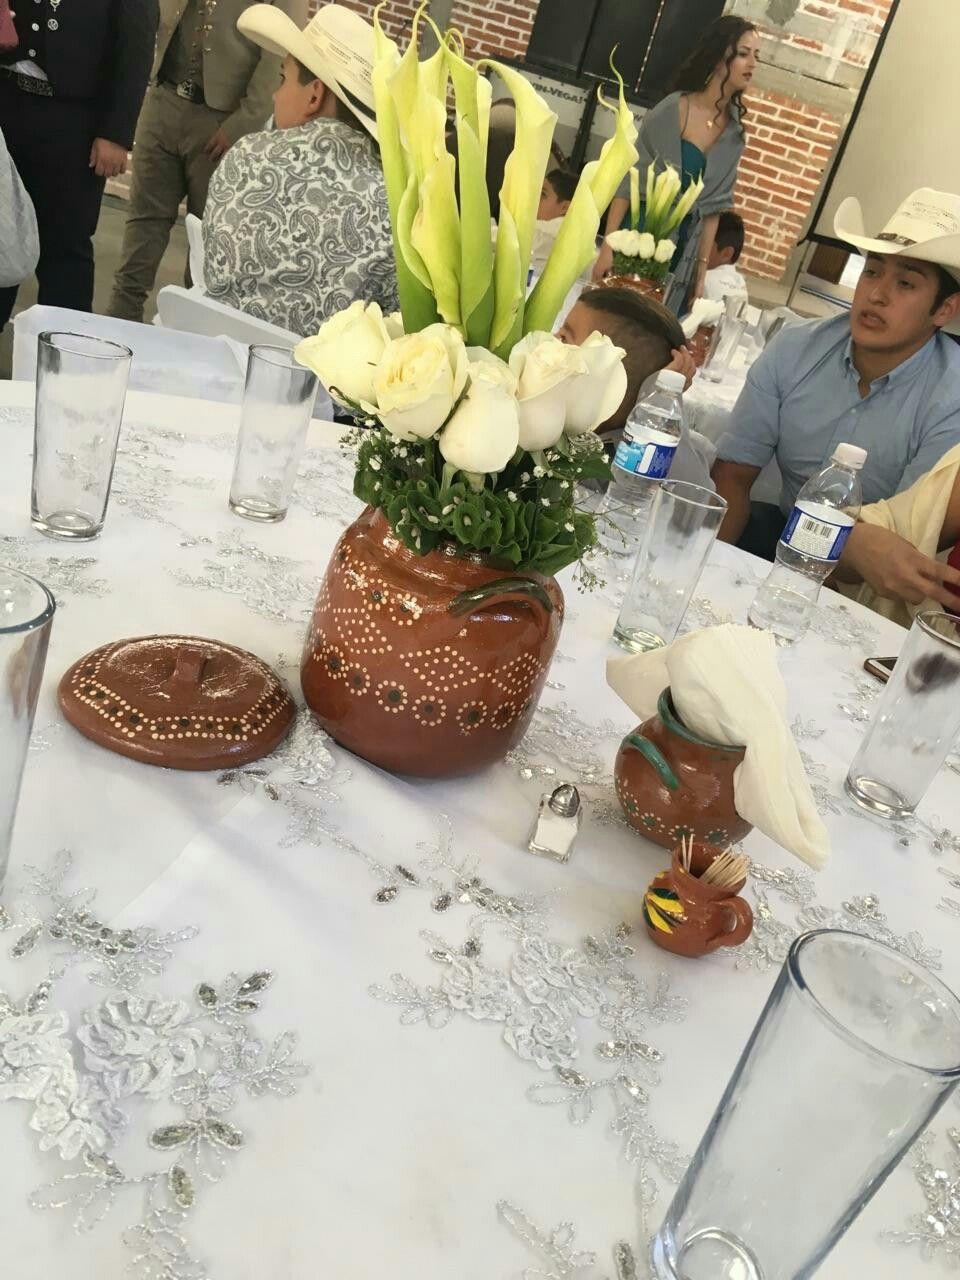 Boda charra boda charra pinterest boda charra for Decoracion de quinceanera